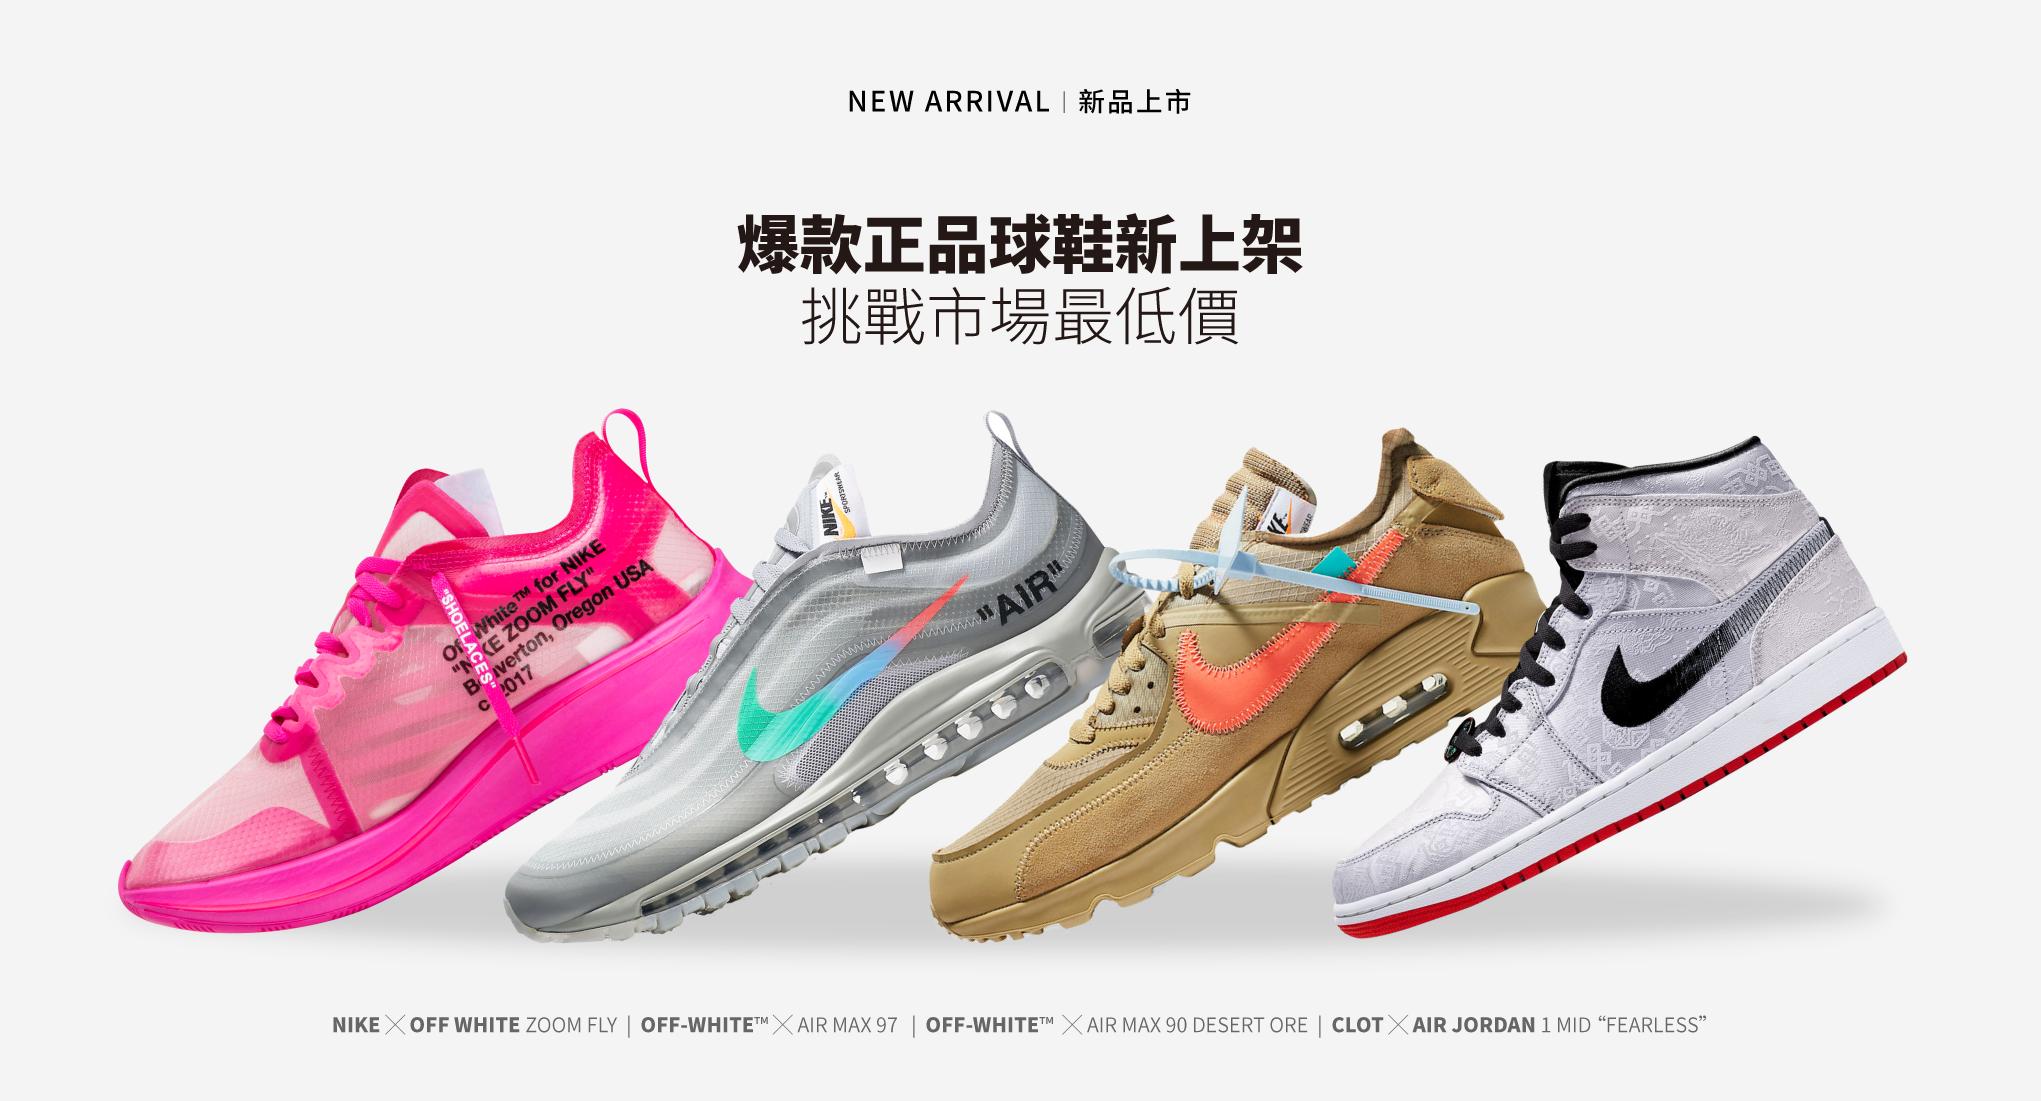 爆款正品球鞋新上架,挑戰市場最低價